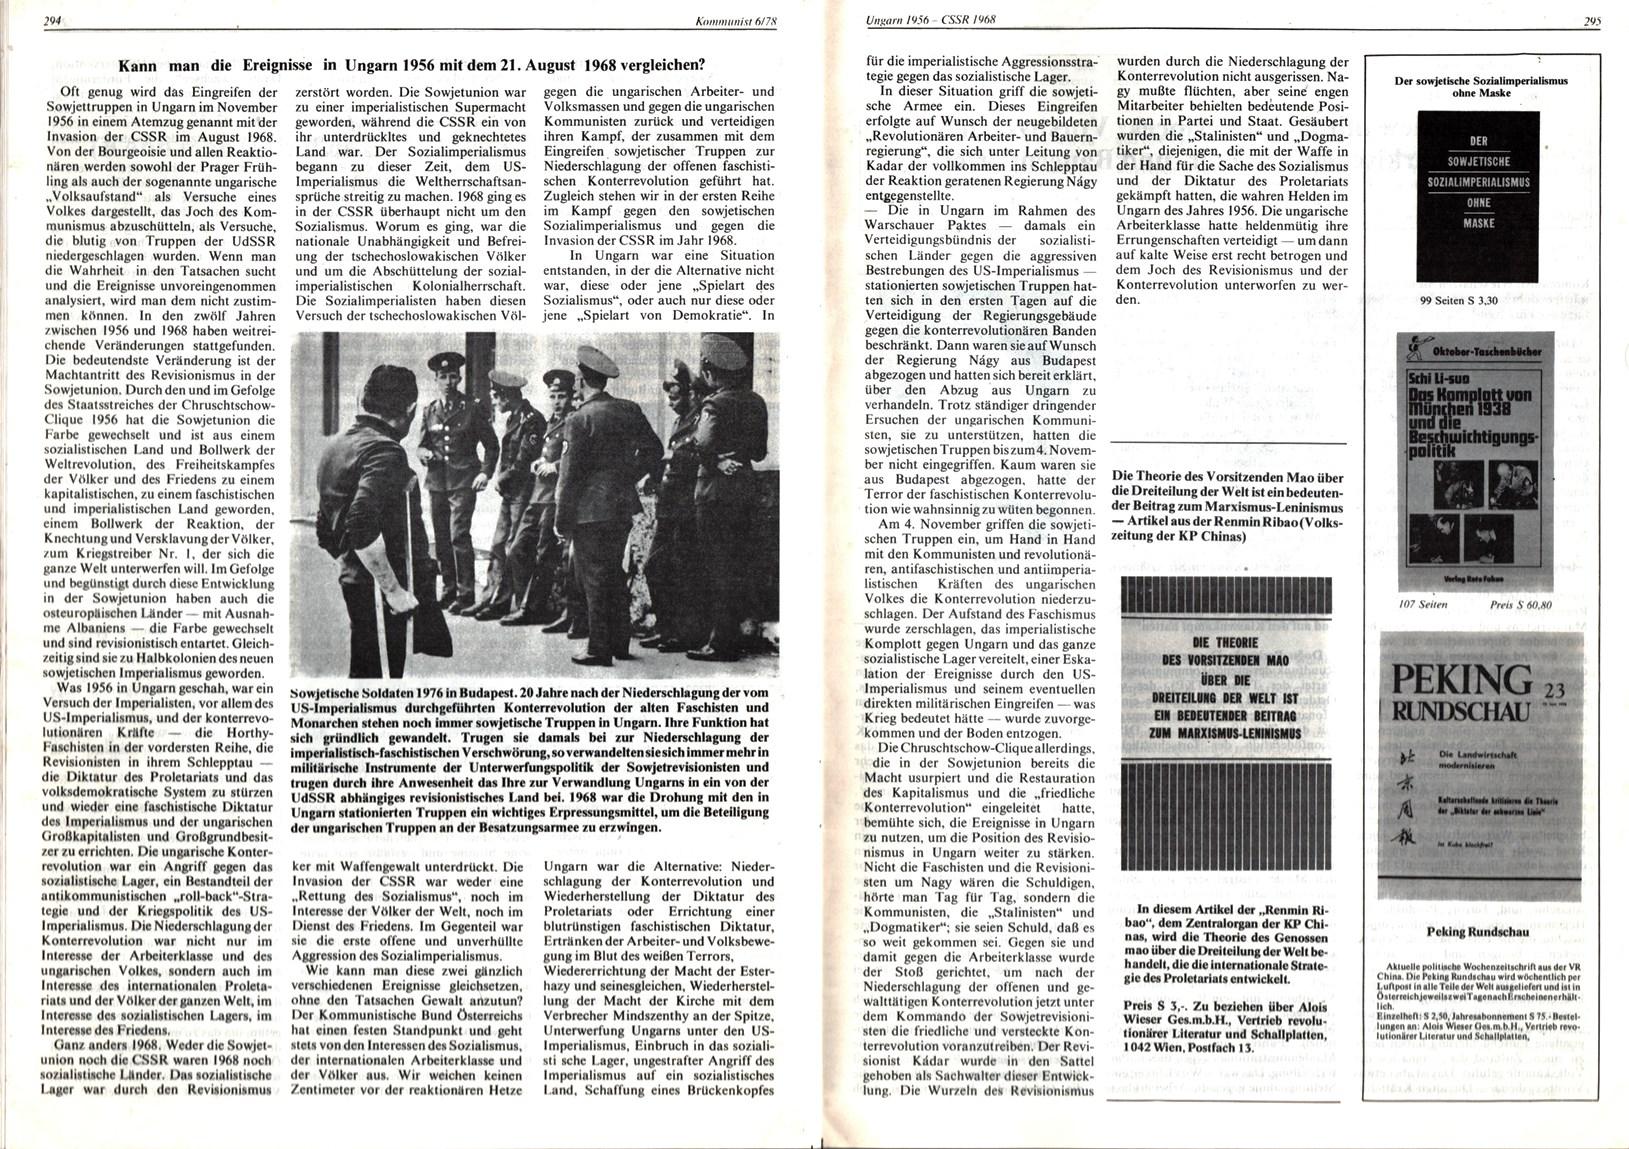 KBOe_TO_Kommunist_19780800_006_011